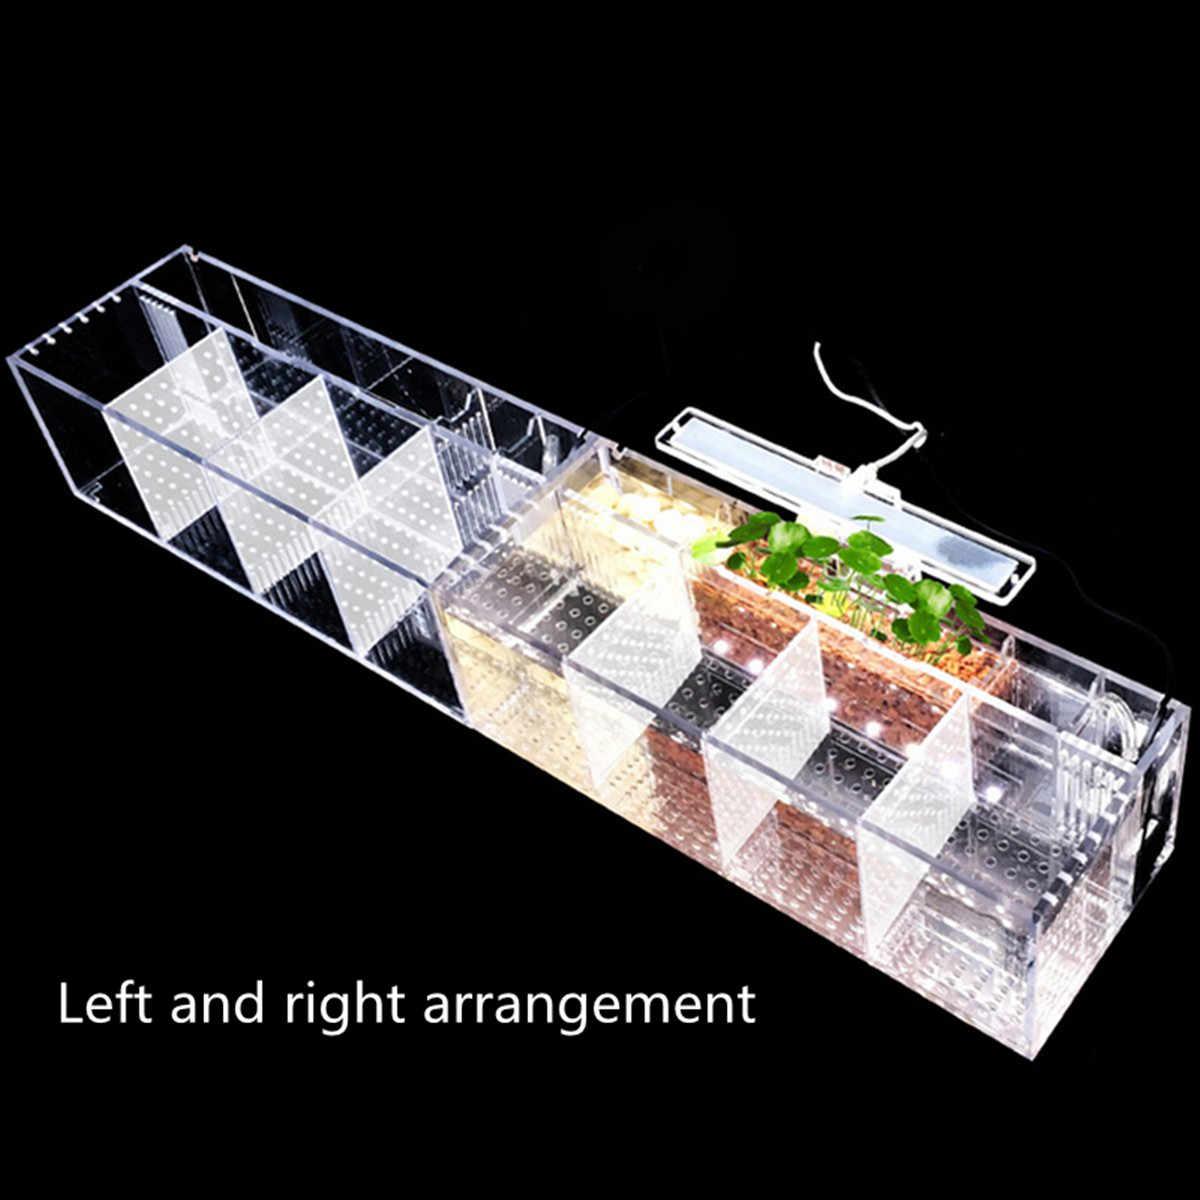 Аквариумный питомец Betta аквариум акриловый прозрачный изолирующий водяной насос Фильтры прозрачное ведро аквариум Настольный светодиодный светильник